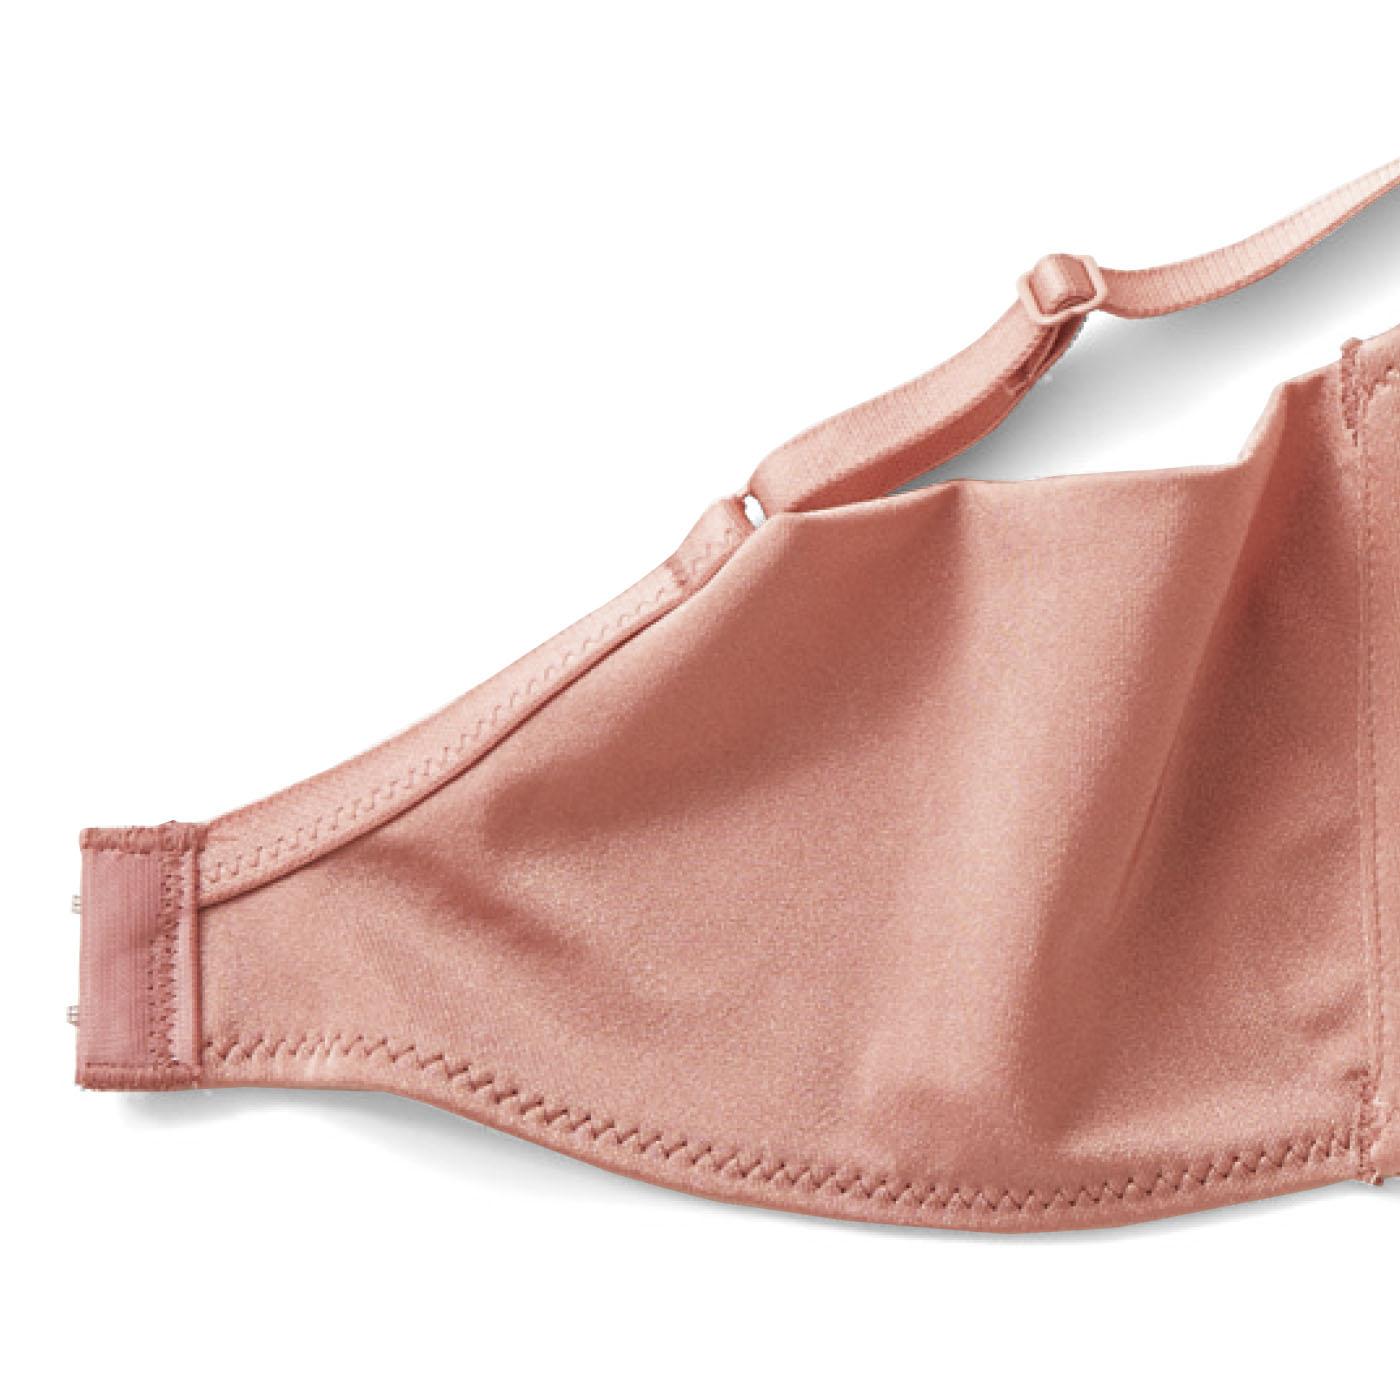 バックパネルは肌ざわりのよいストレッチ素材でやさしくフィット。上辺は縫い目がない仕様でわきの段差を軽減。